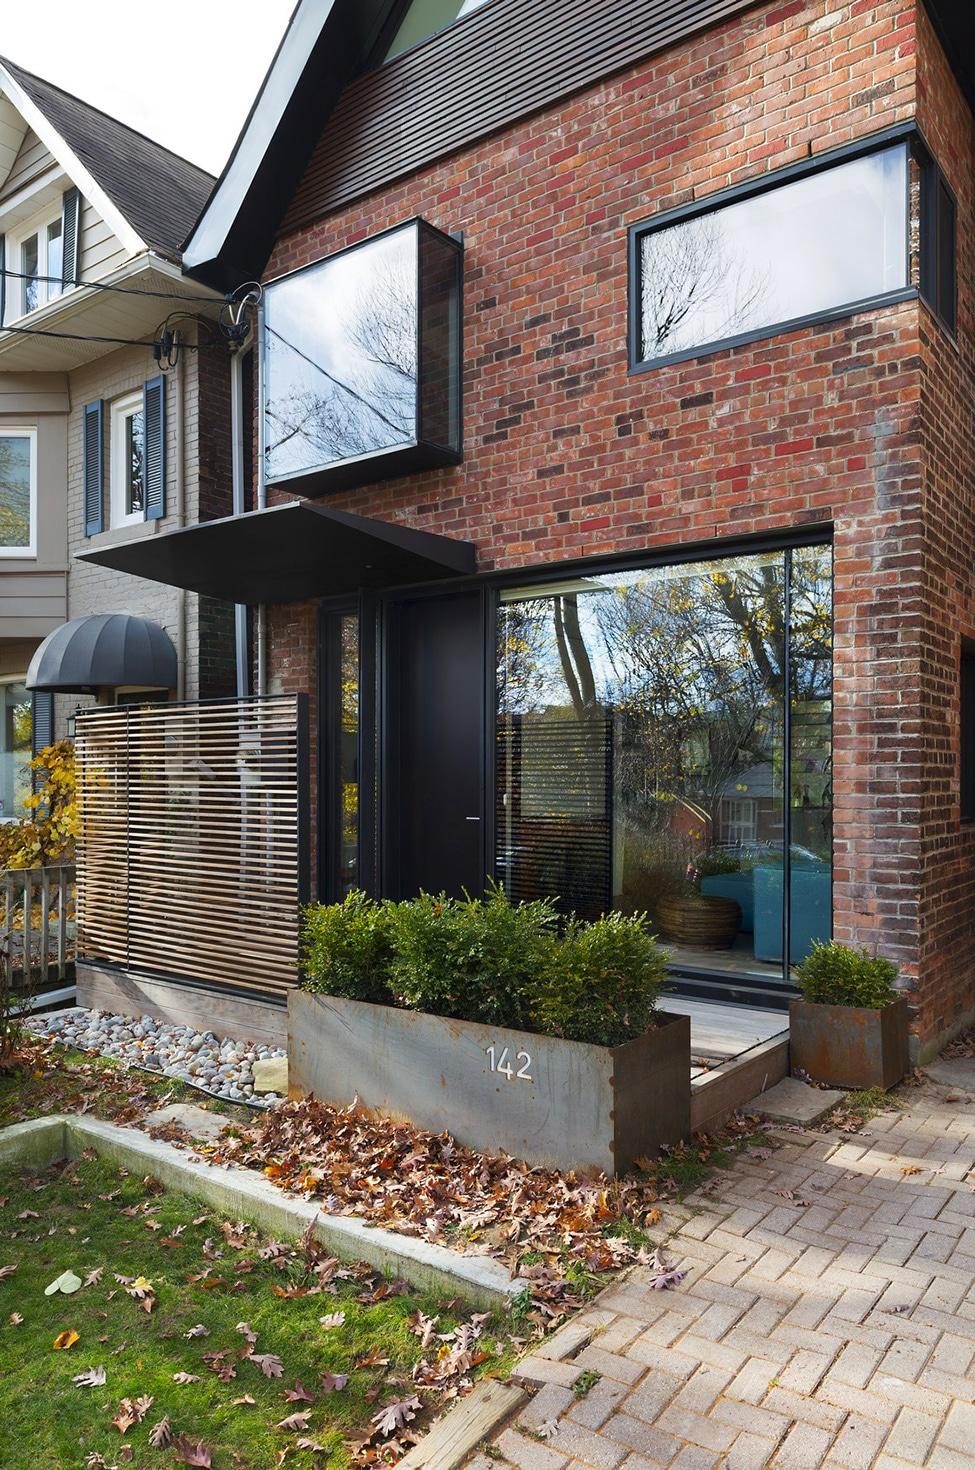 Dise o de fachada moderna con ladrillo caravista - Fachadas ladrillo visto ...